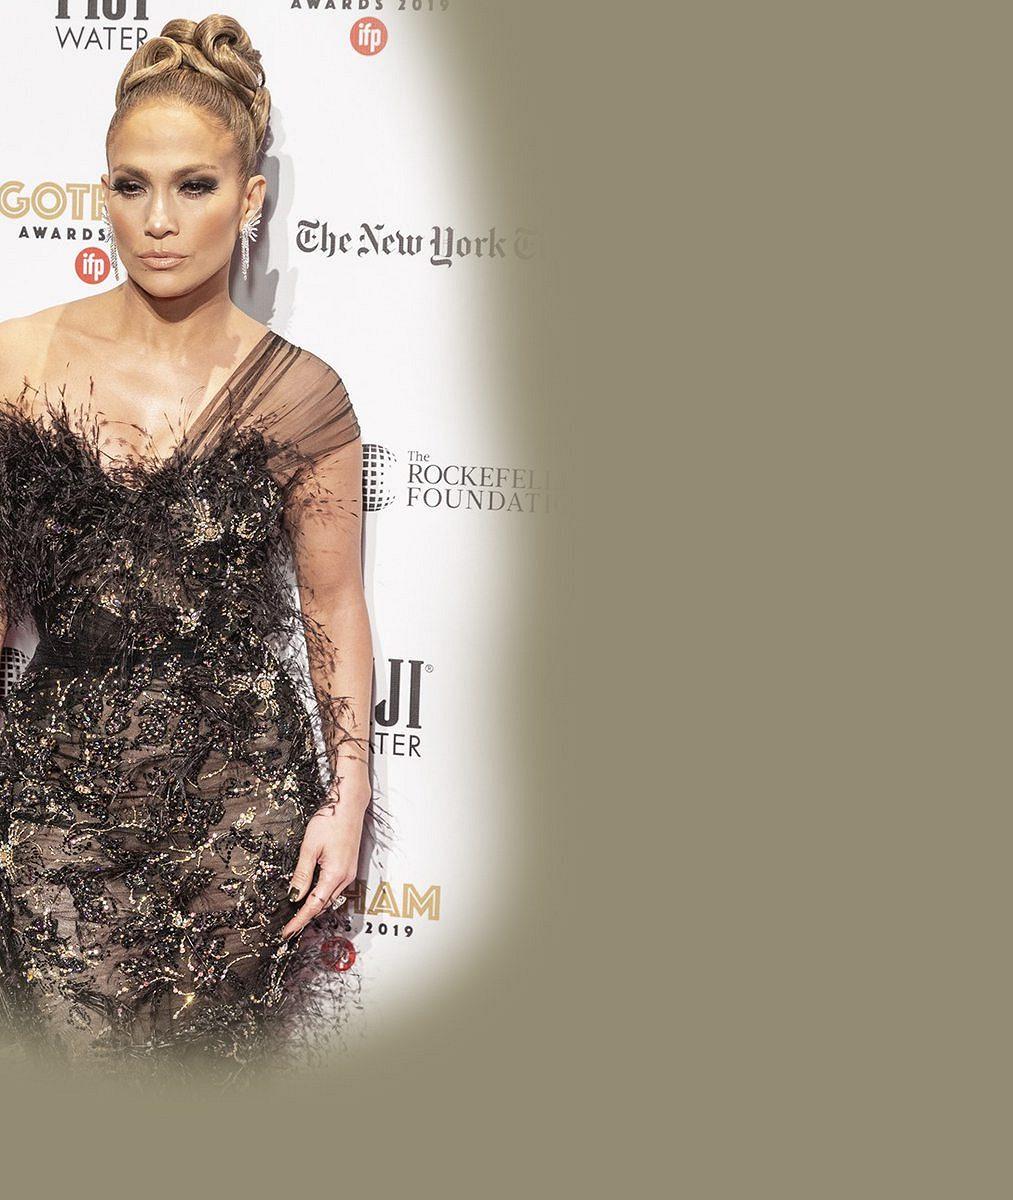 5největších úspěchů Jennifer Lopez (50): Letošek byl jednoznačně rokem JLo!